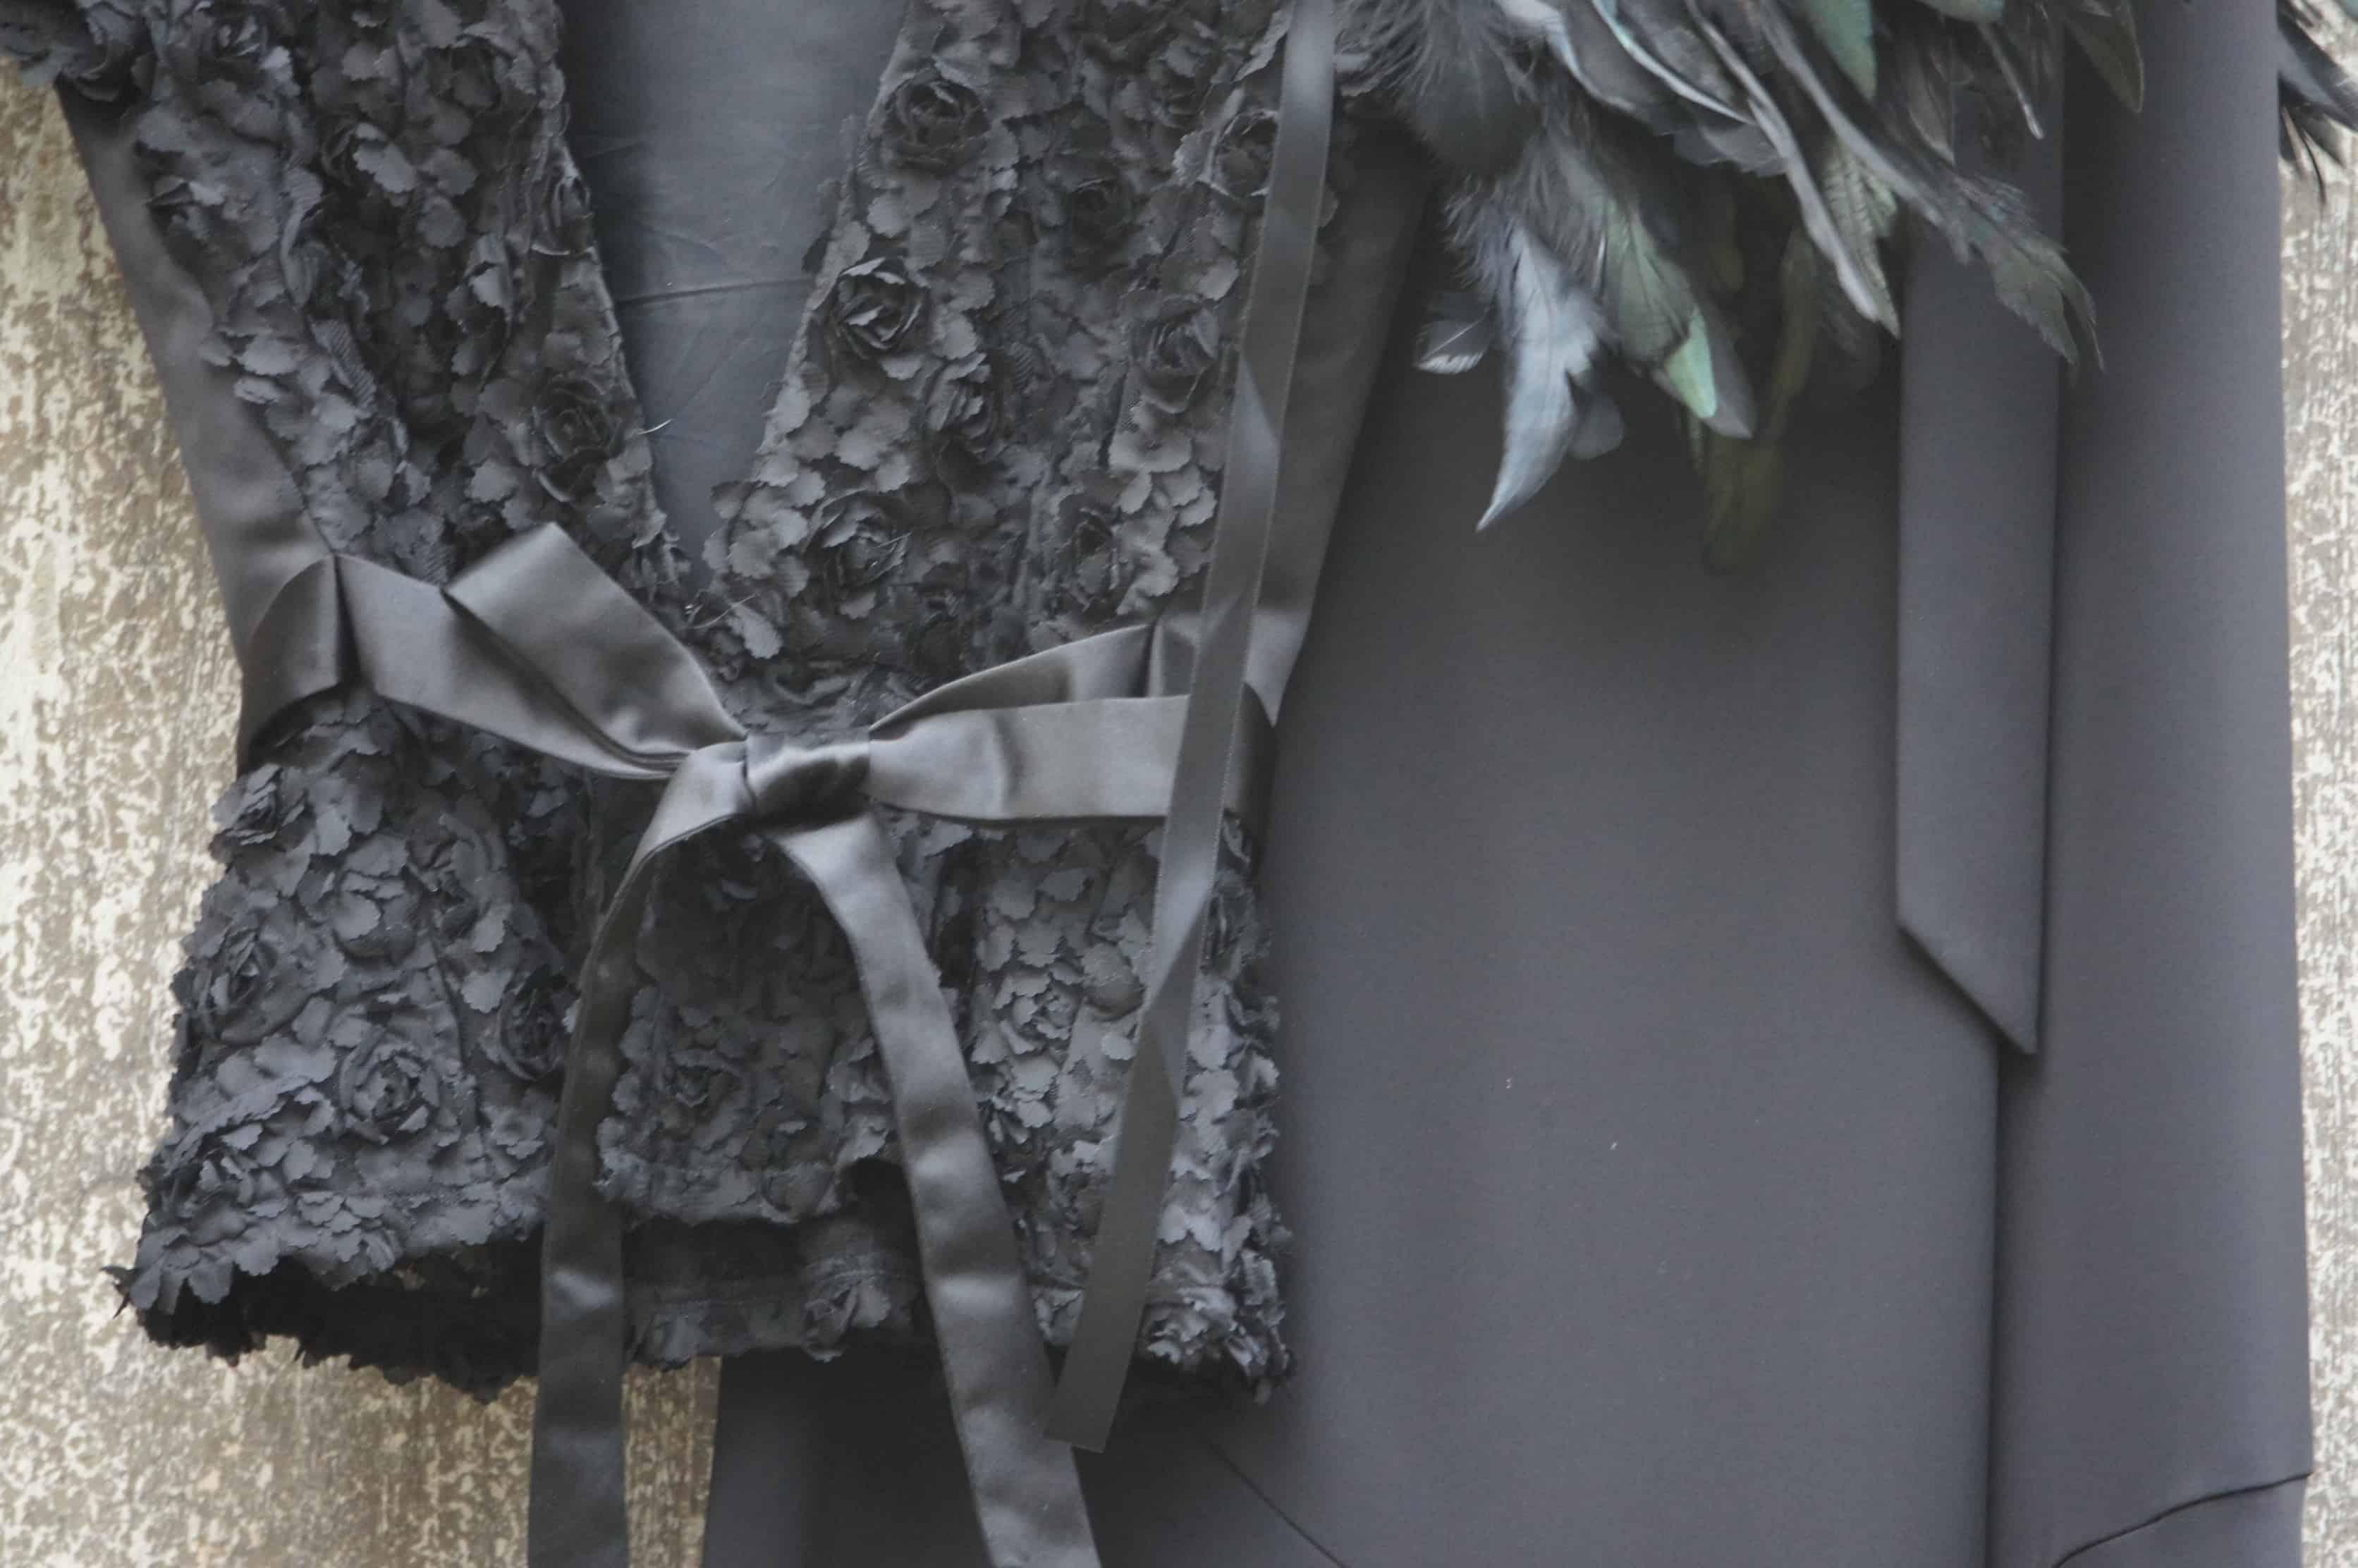 ida sjöstedt malene birger långklänning pipolz bazaar julfest